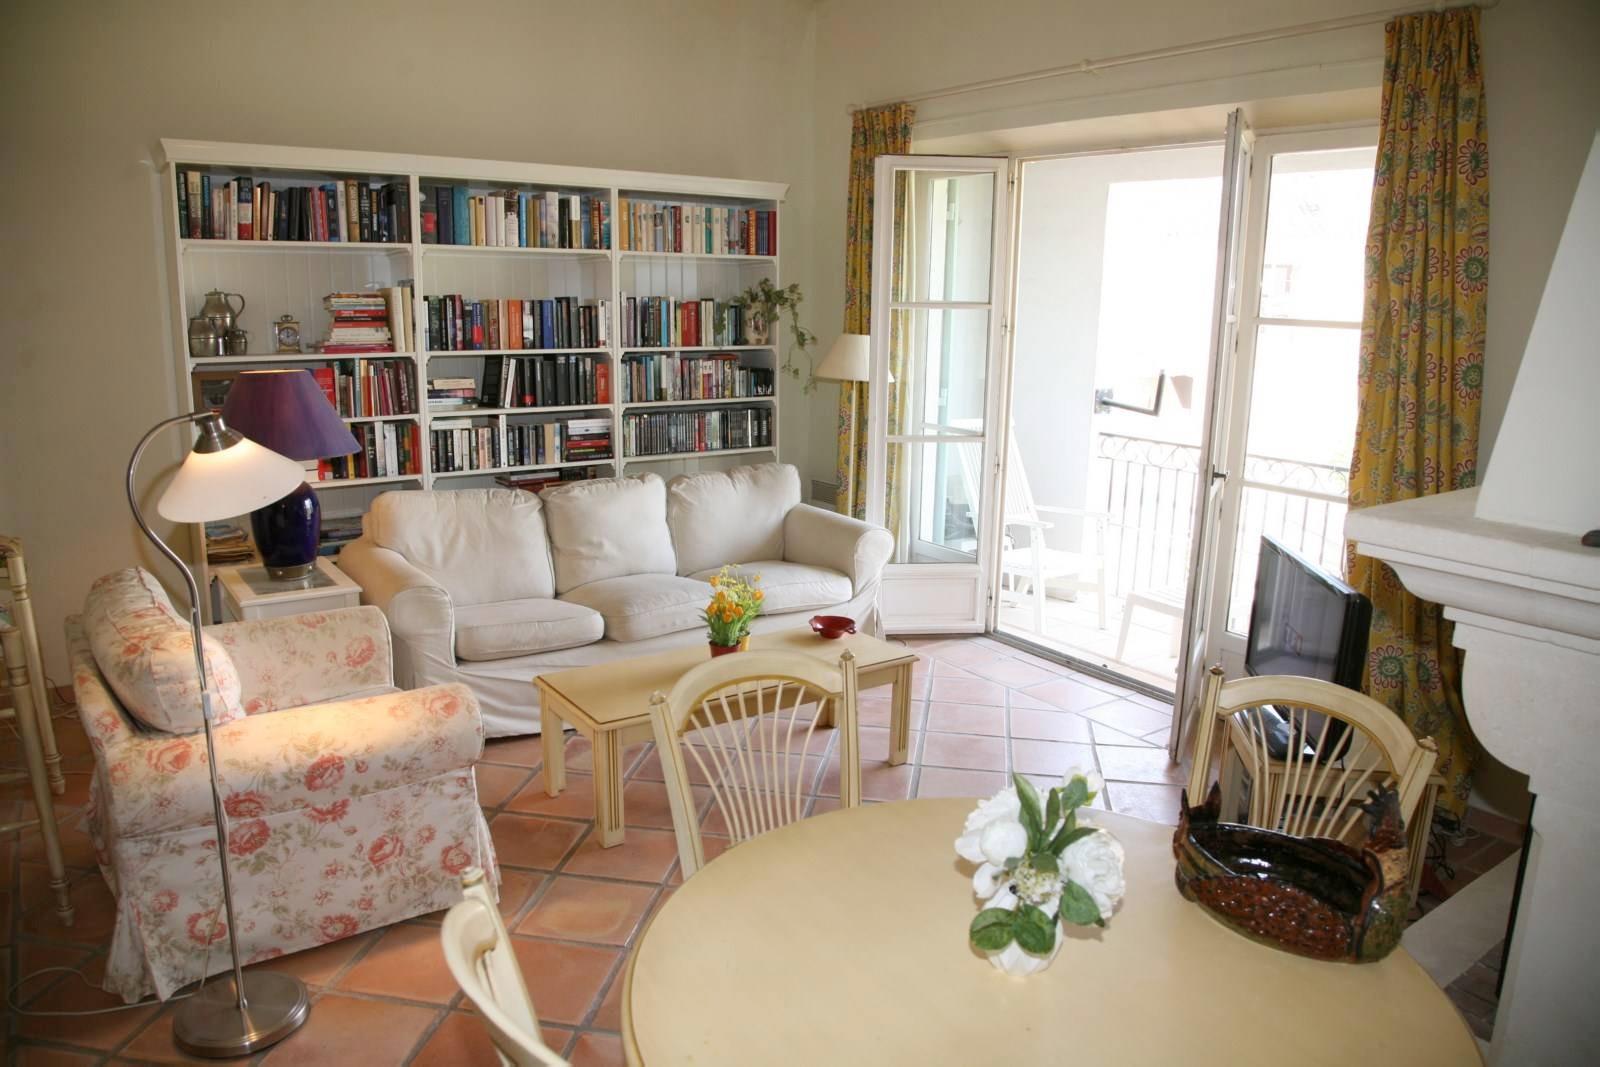 Appartement de deux chambres meubl vue lac john for Meubles pont royal